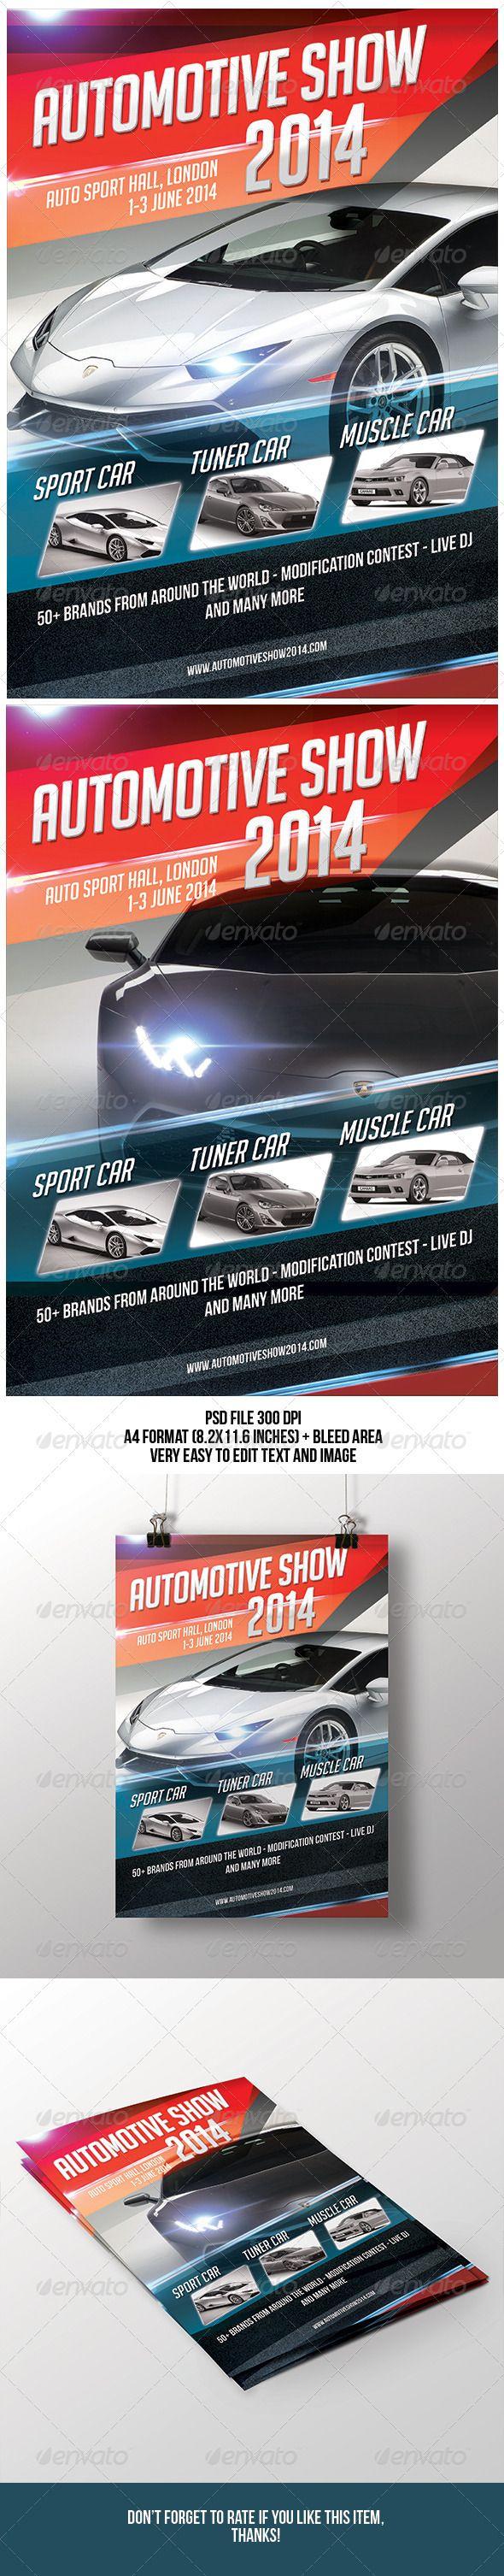 Automotive Show Flyer | Publicidad en autos, Lugares para visitar ...